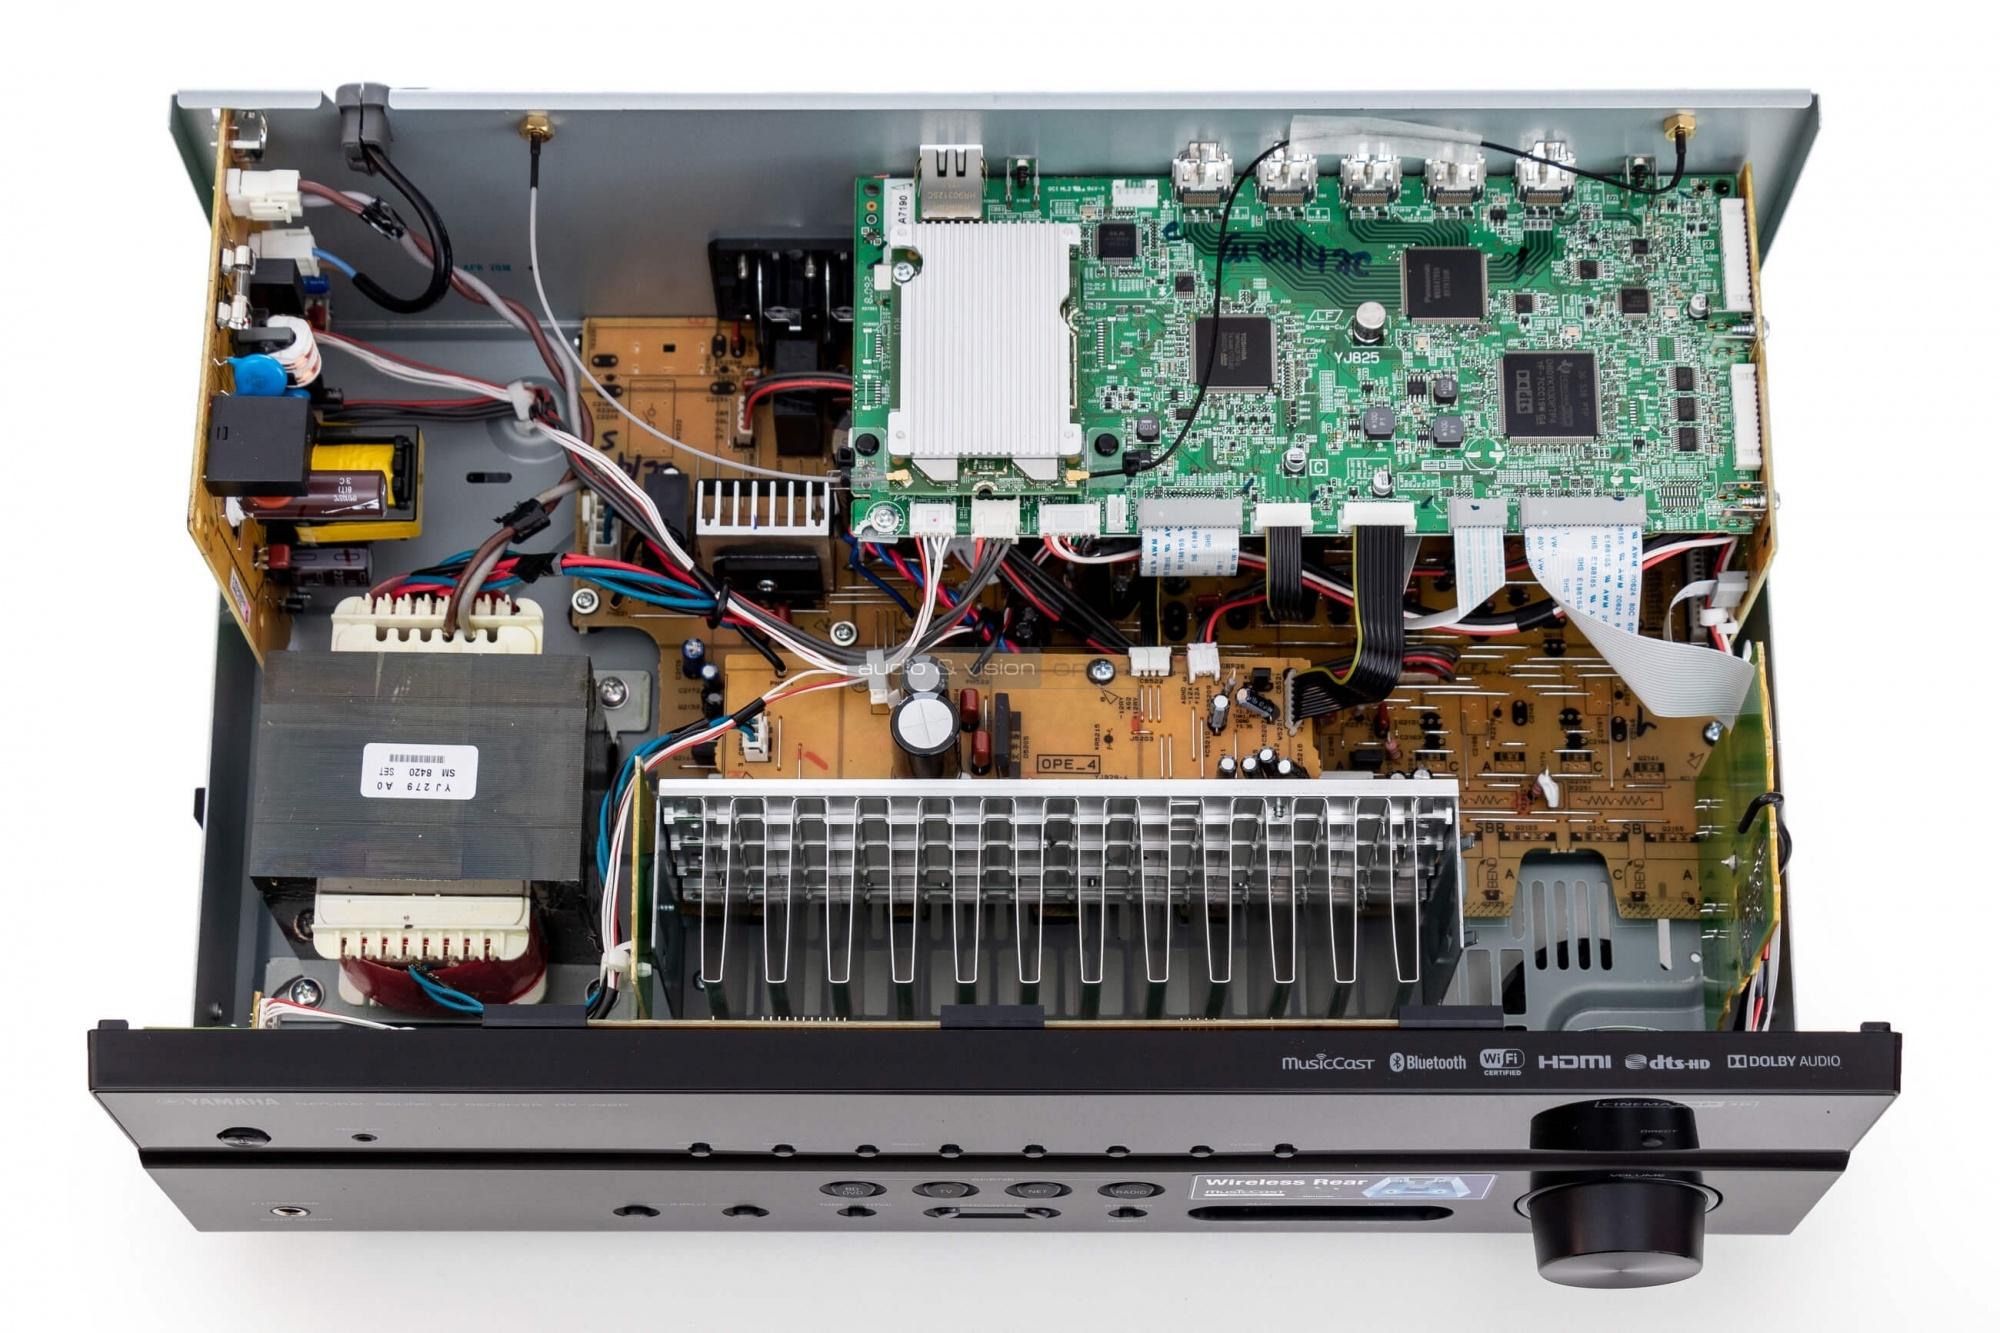 ampli Yamaha RX V485 trong